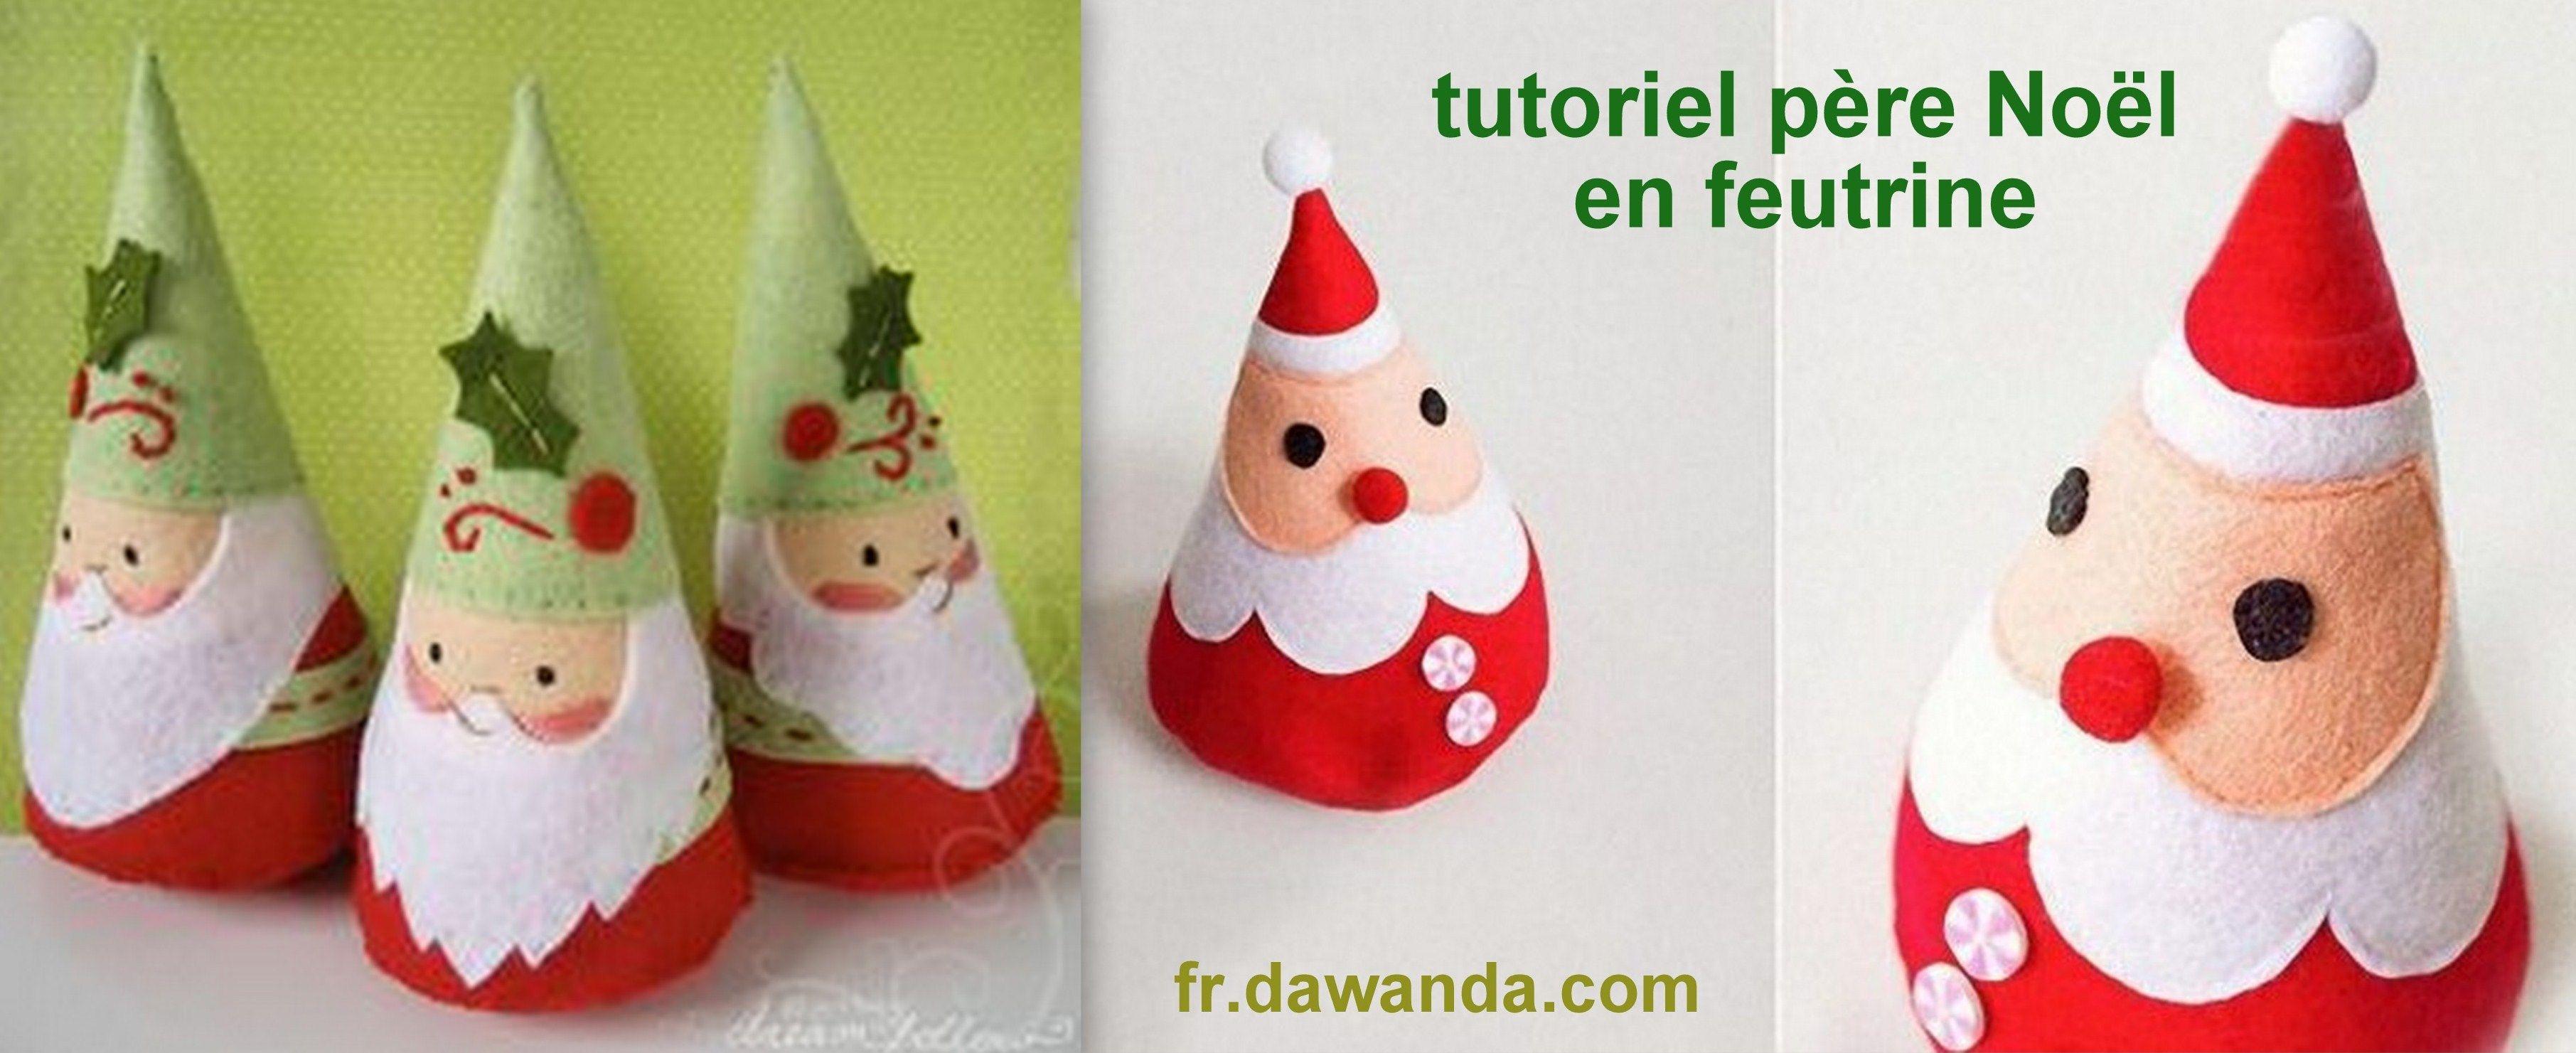 pere noel en feutrine Faire un Père Noël en feutrine, des modèles, des tutos  pere noel en feutrine